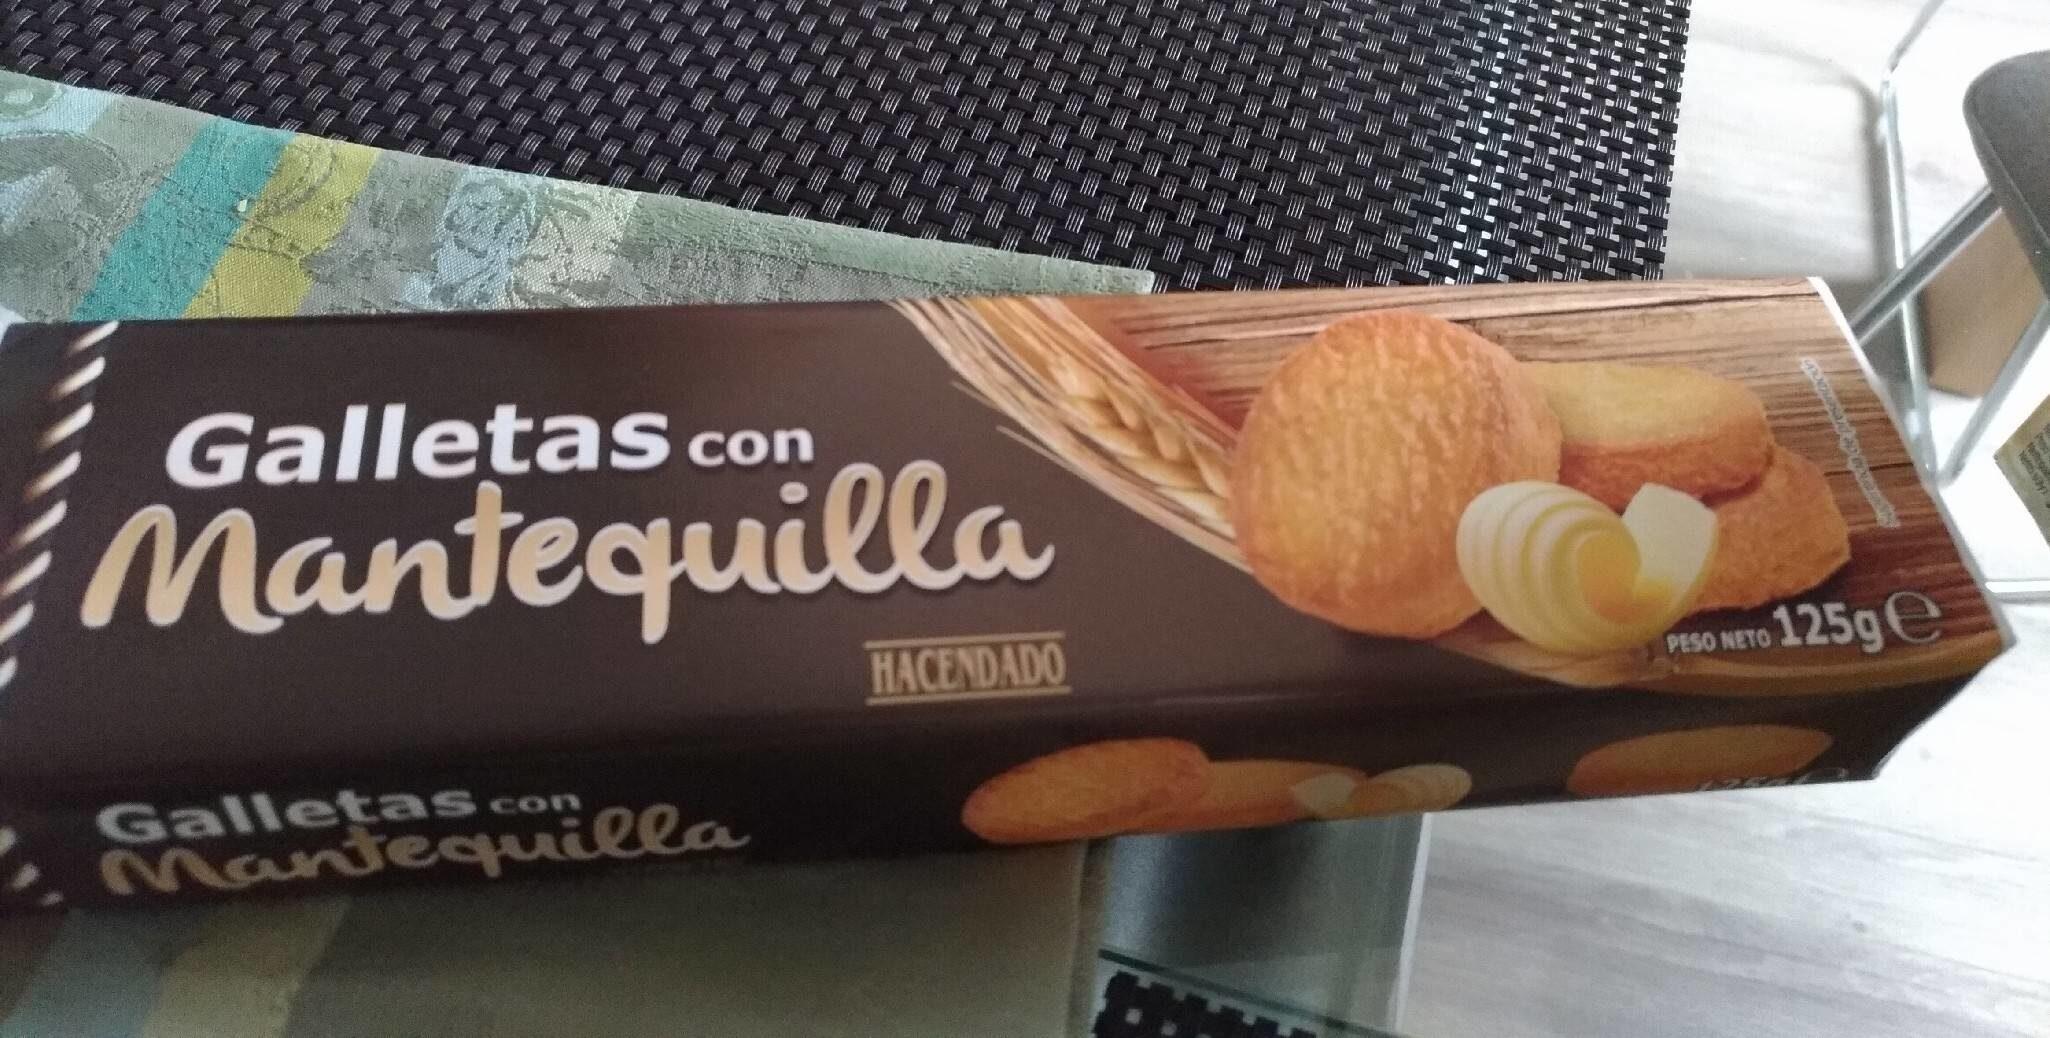 Galletas con mantequilla - Producto